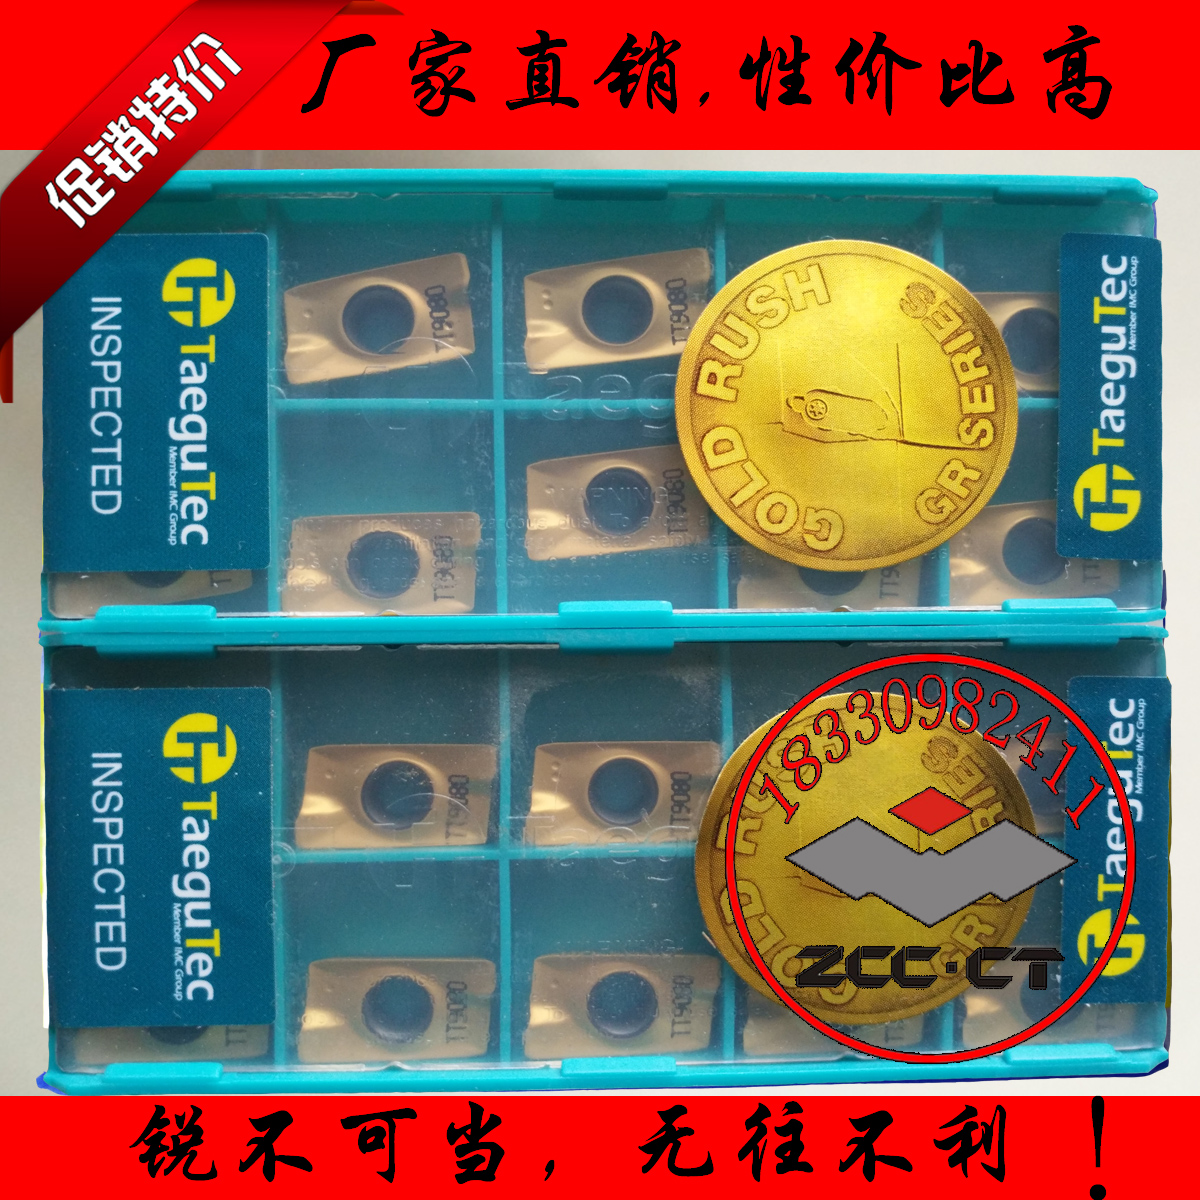 韩国特固克数控刀片APMT1604PDERTT9080刀片R0.8黄色涂层铣小船